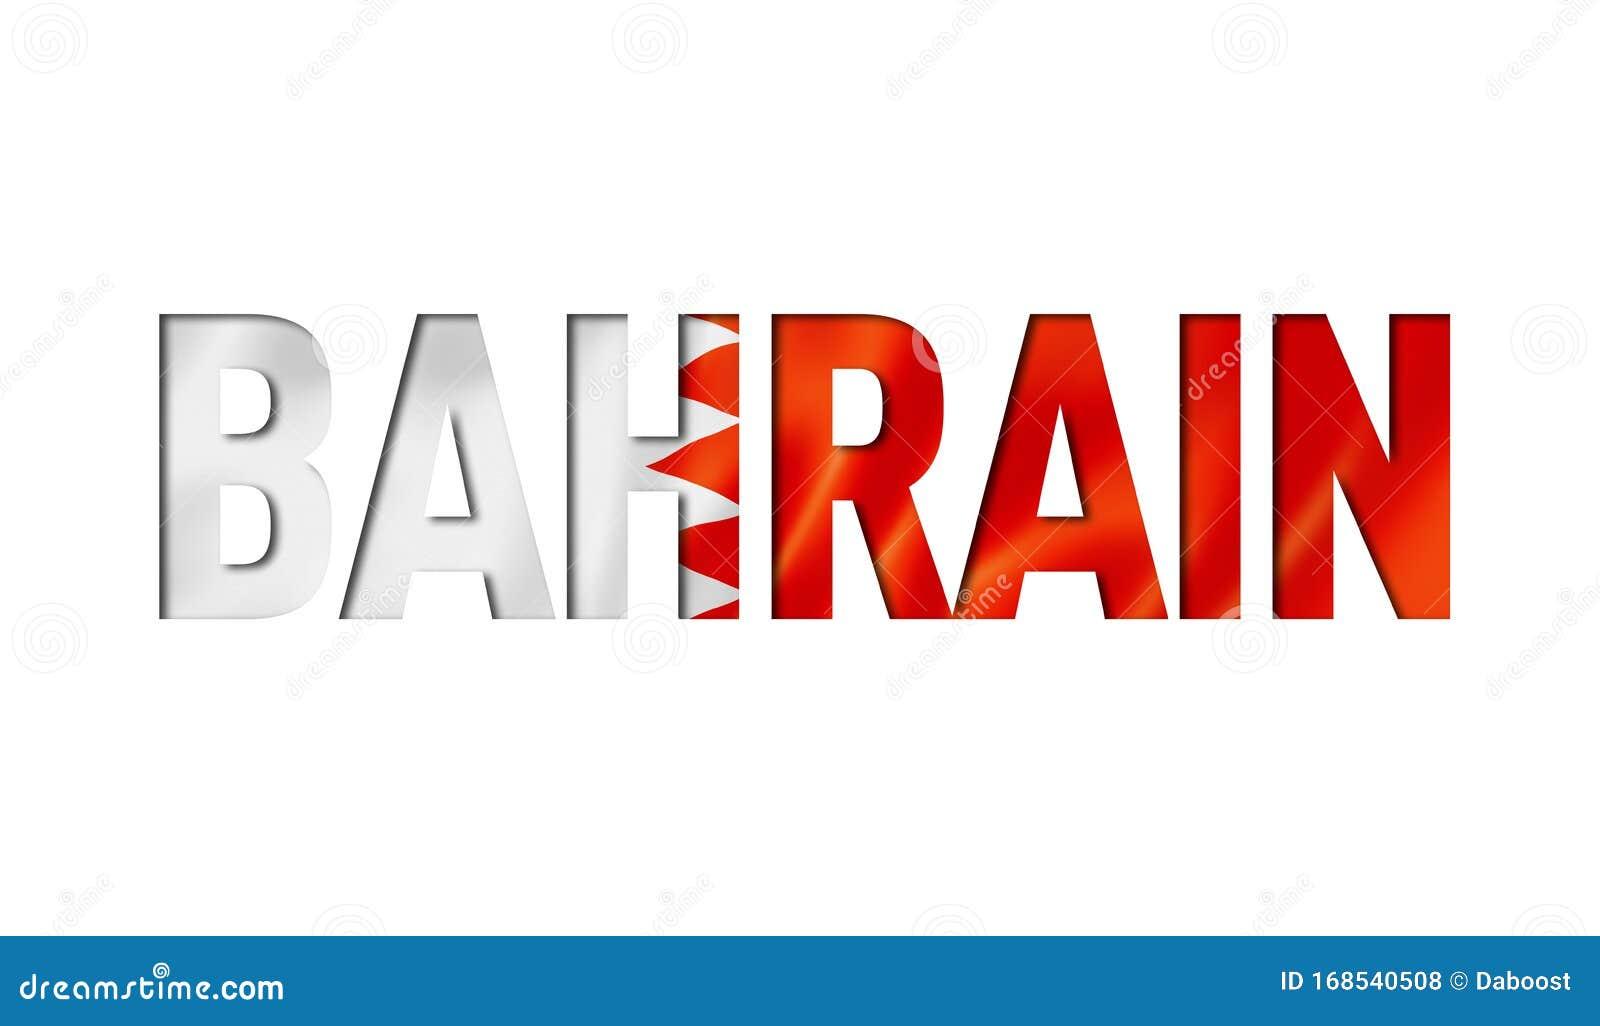 Bahrain flag text font stock illustration. Illustration of name ...